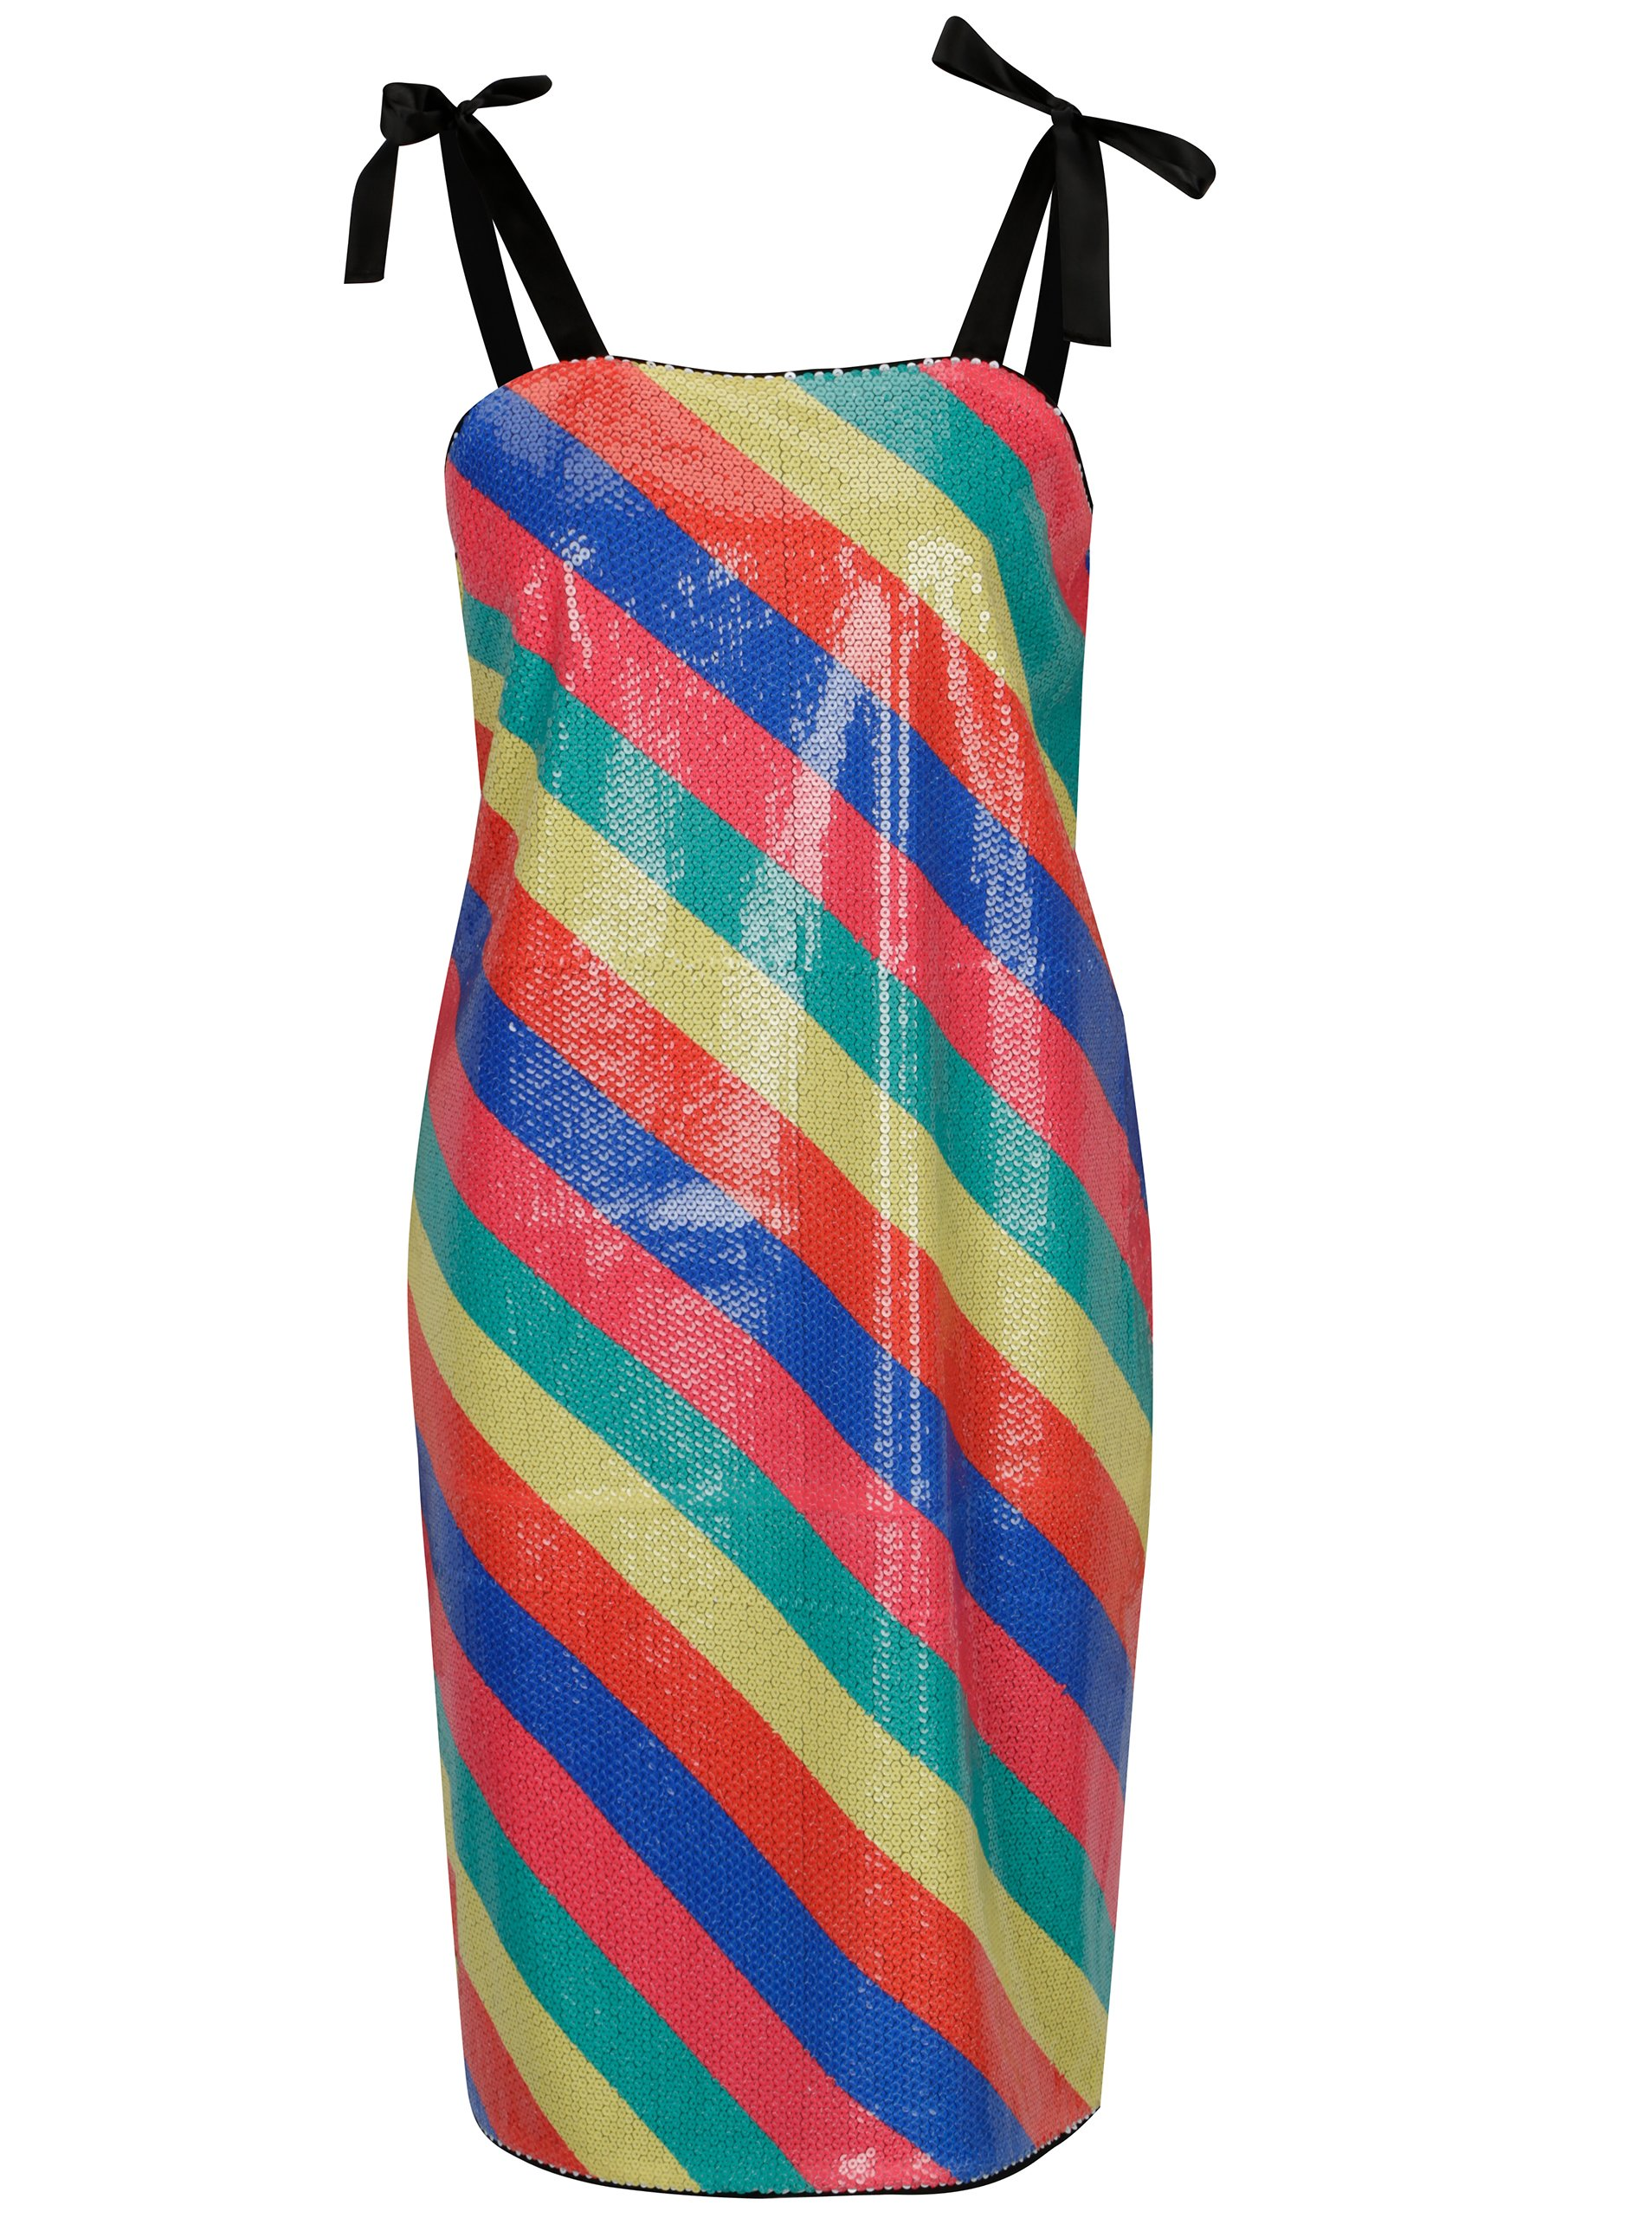 Barevné pruhované flitrované šaty SH Bombinas